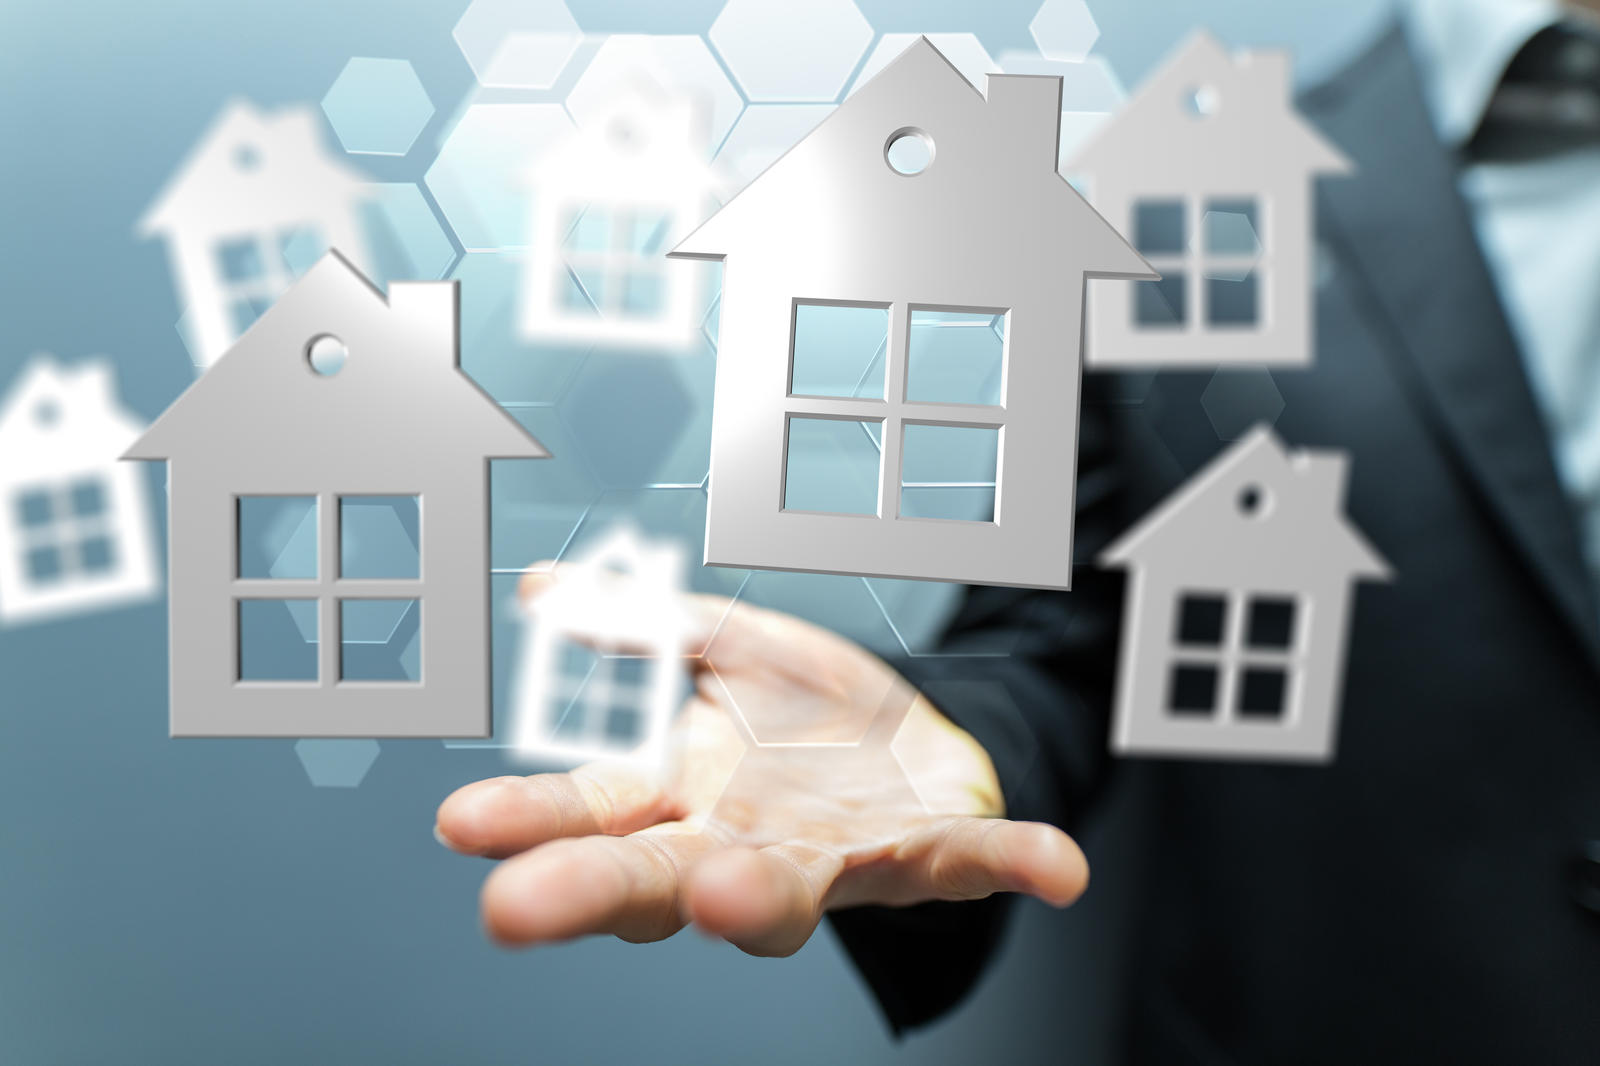 Gestione patrimoni immobiliari